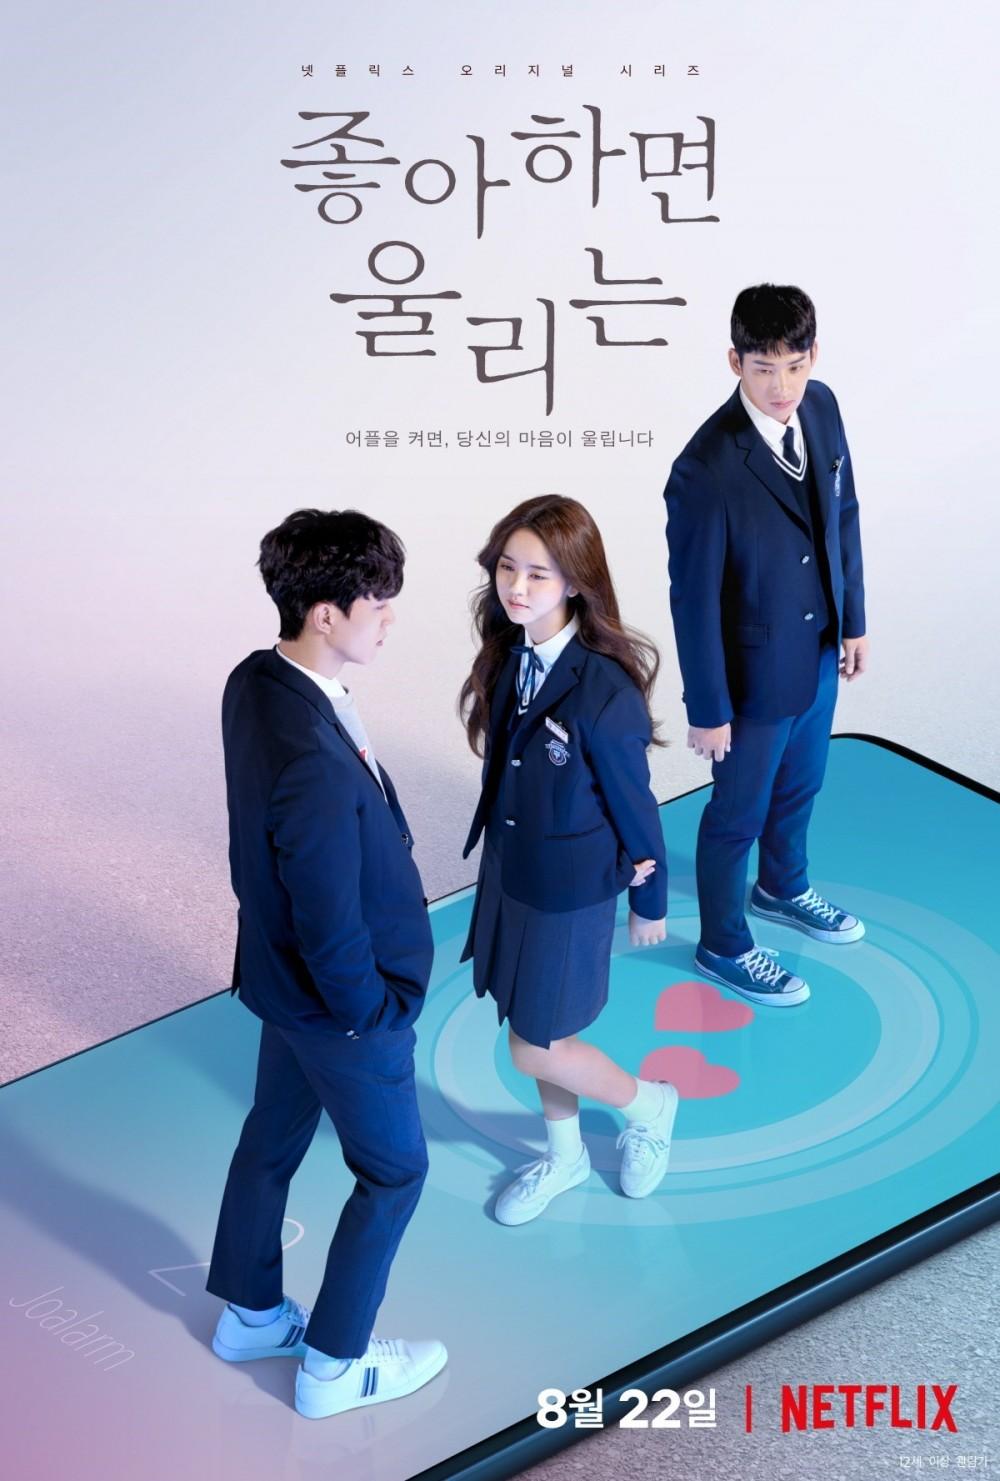 Phim học đường Hàn Quốc hay - Love Alarm 1, 2 - Chuông Báo Tình Yêu (2019)